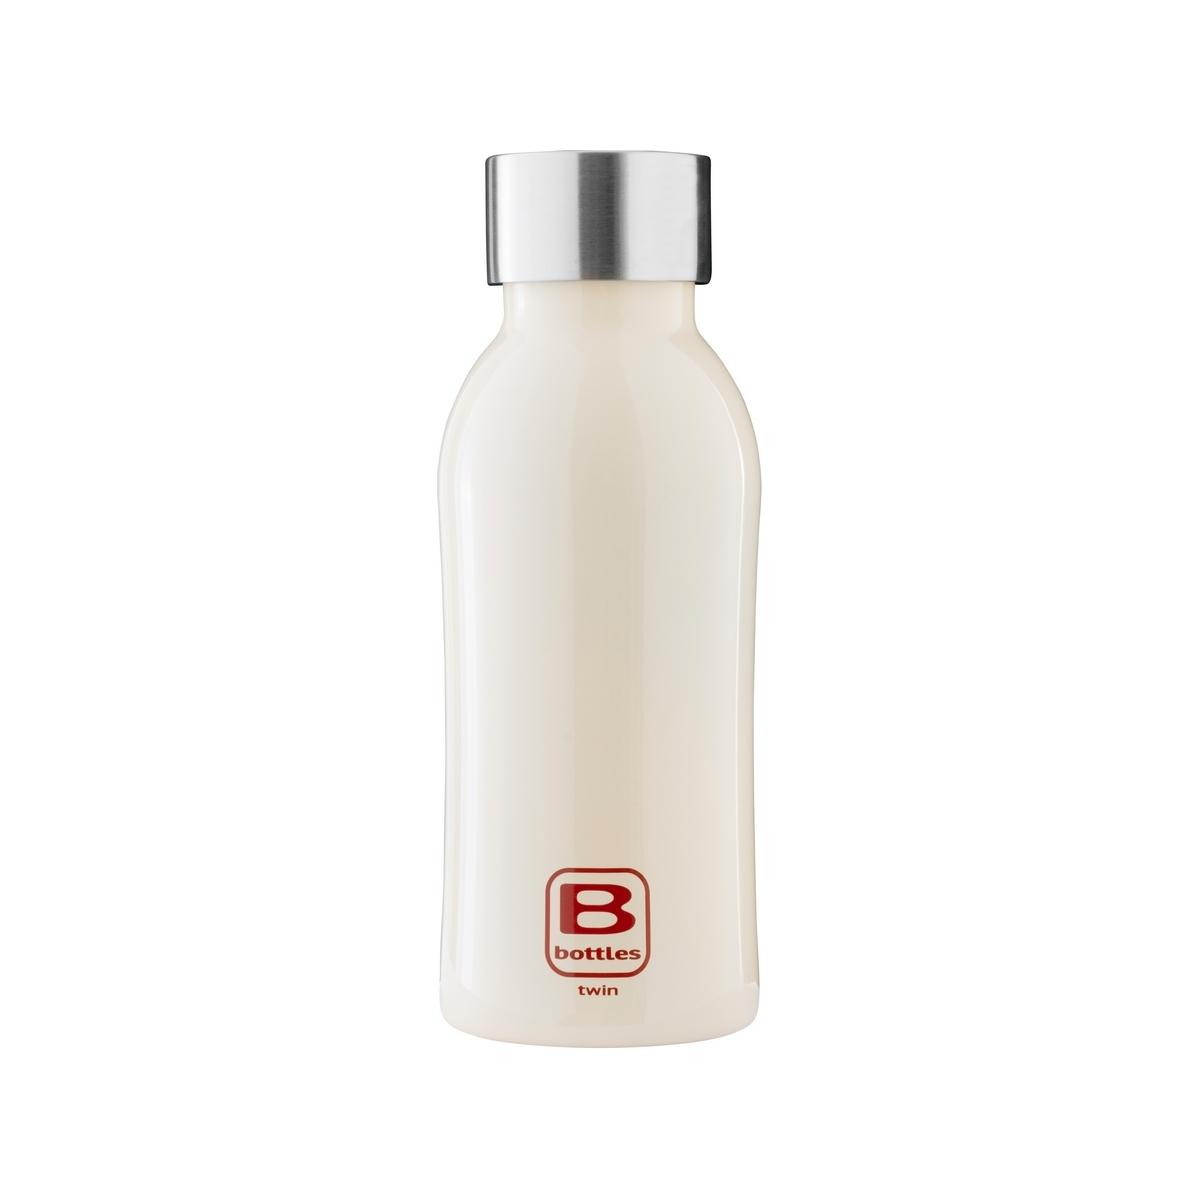 B Bottles Twin - Cream - 350 ml - Bottiglia Termica a doppia parete in acciaio inox 18/10